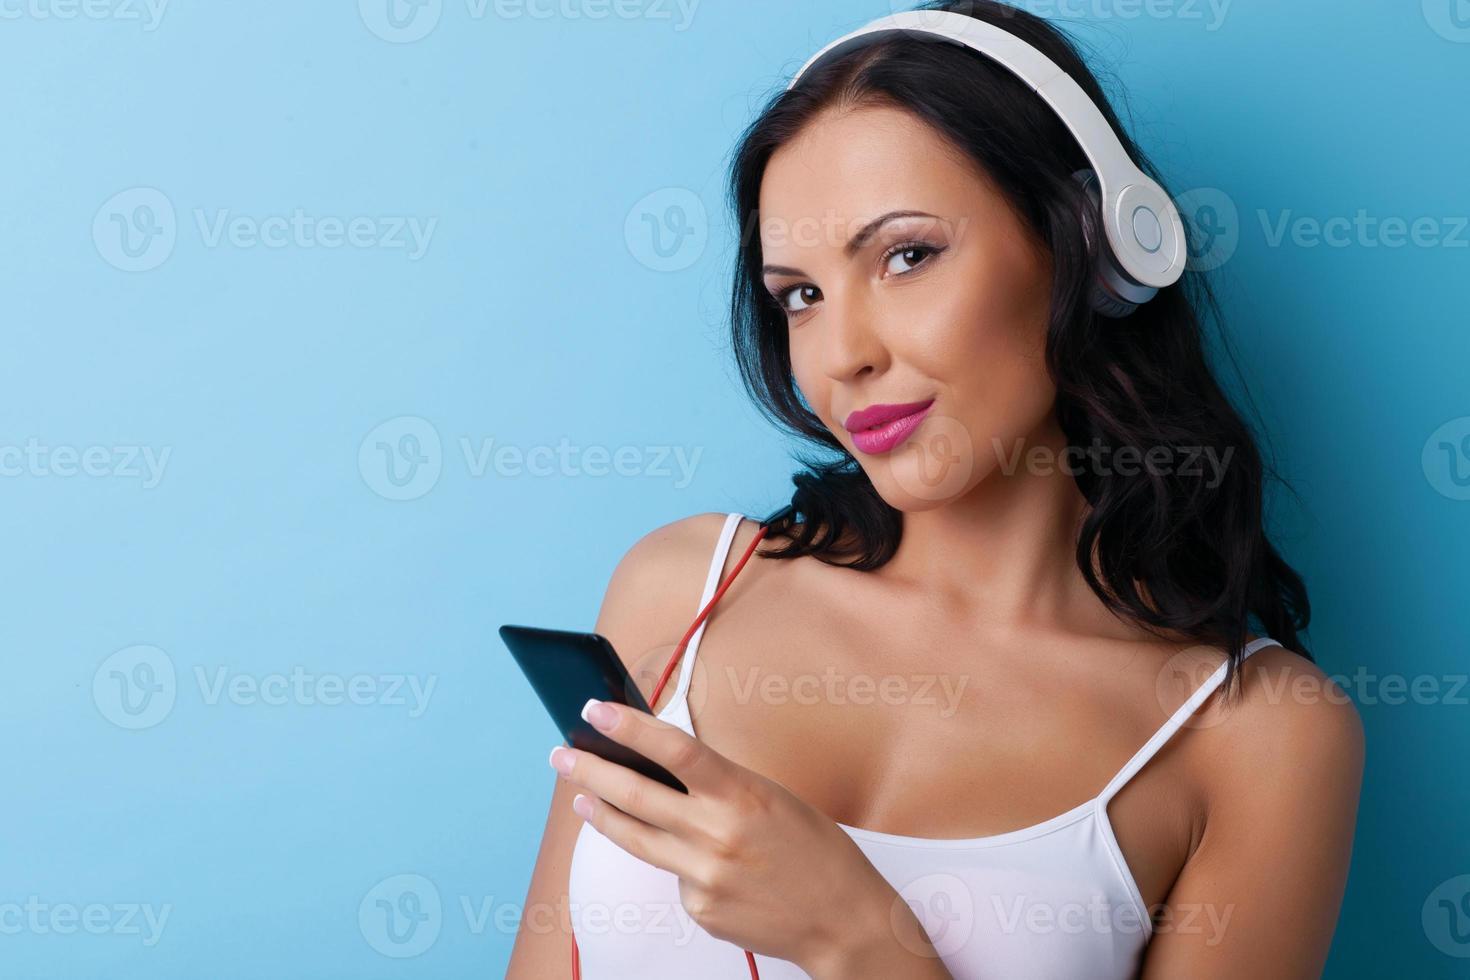 belle jeune femme avec un casque se détend photo